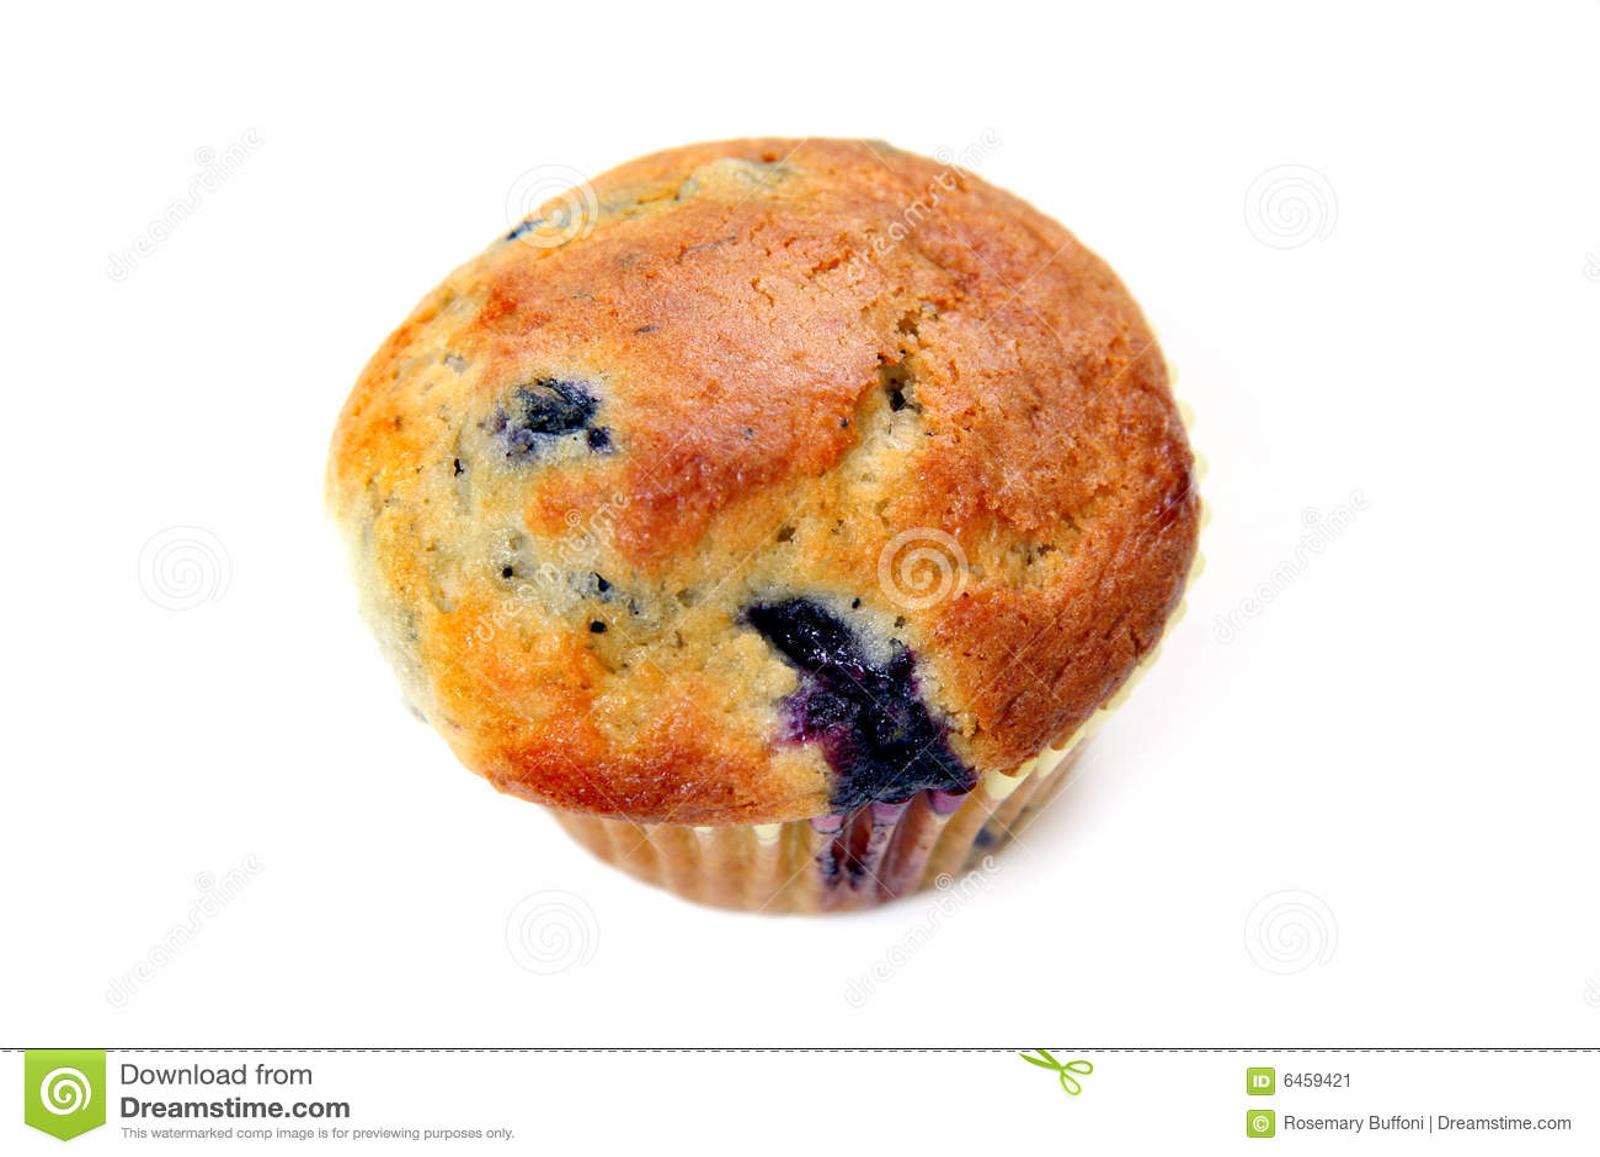 Blaubeere-Muffin auf Weiß